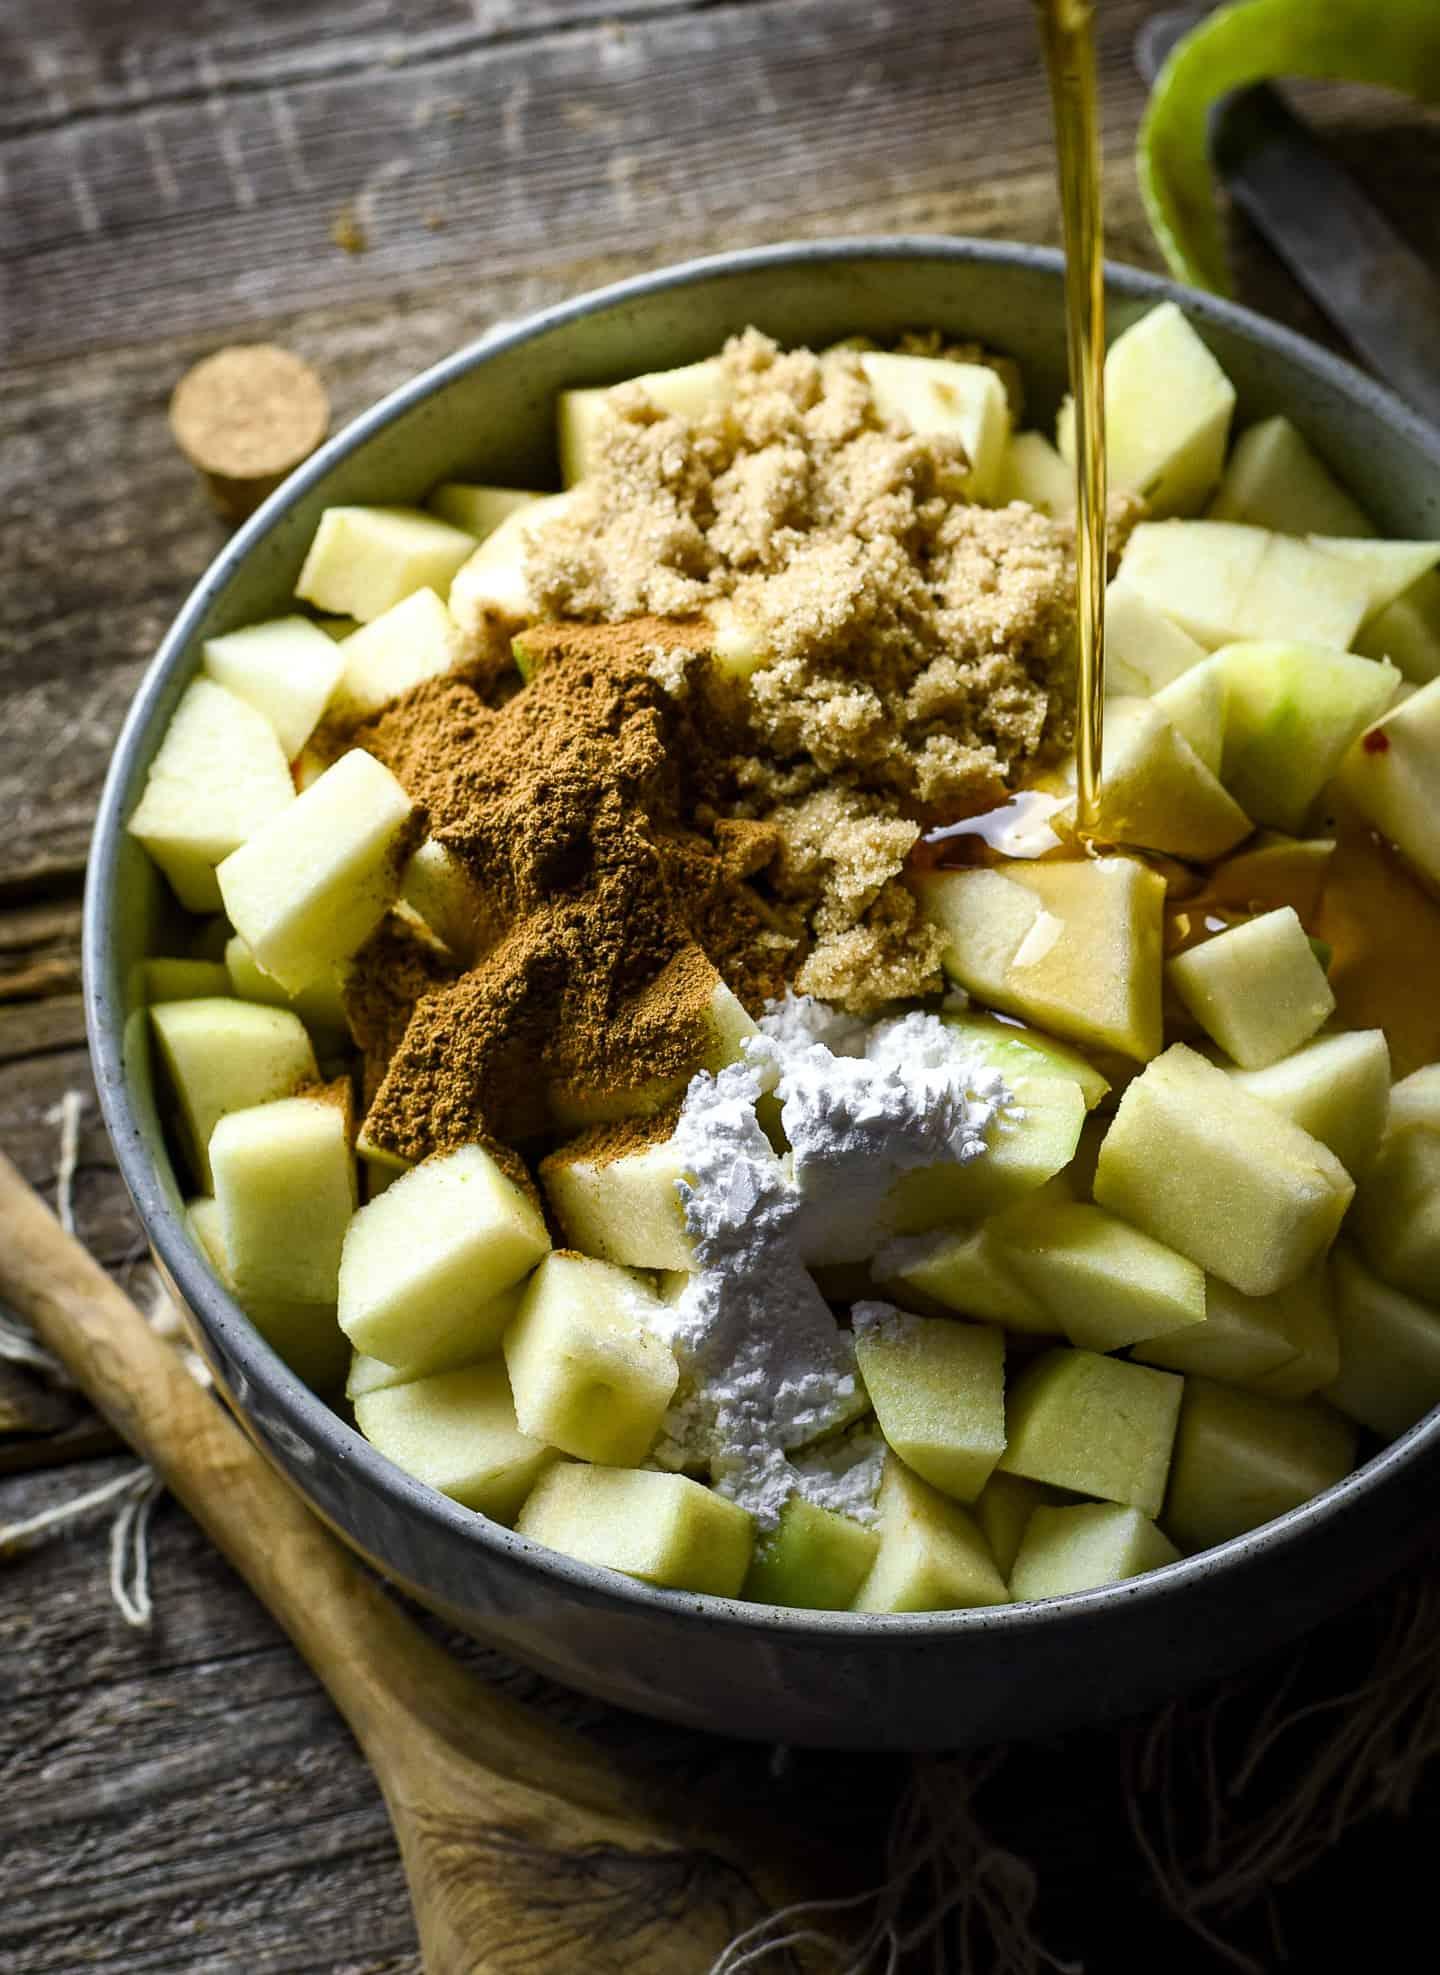 vegan apple crisp ingredients in a bowl.